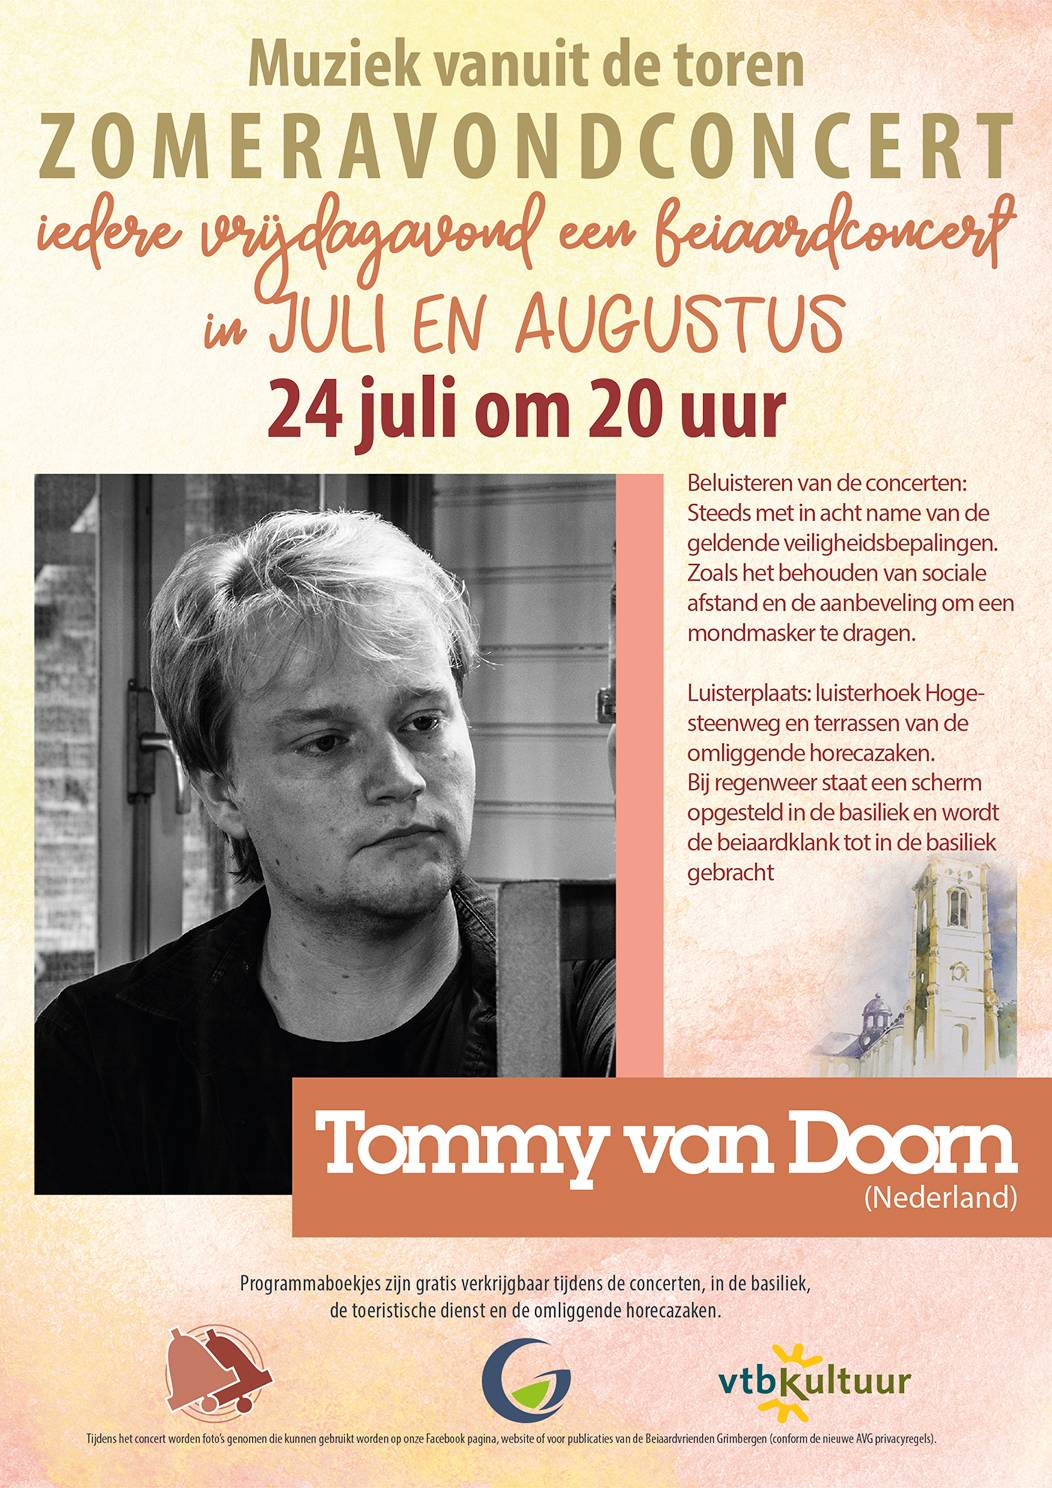 Zomeravondconcerten - Tommy van Doorn (NL)